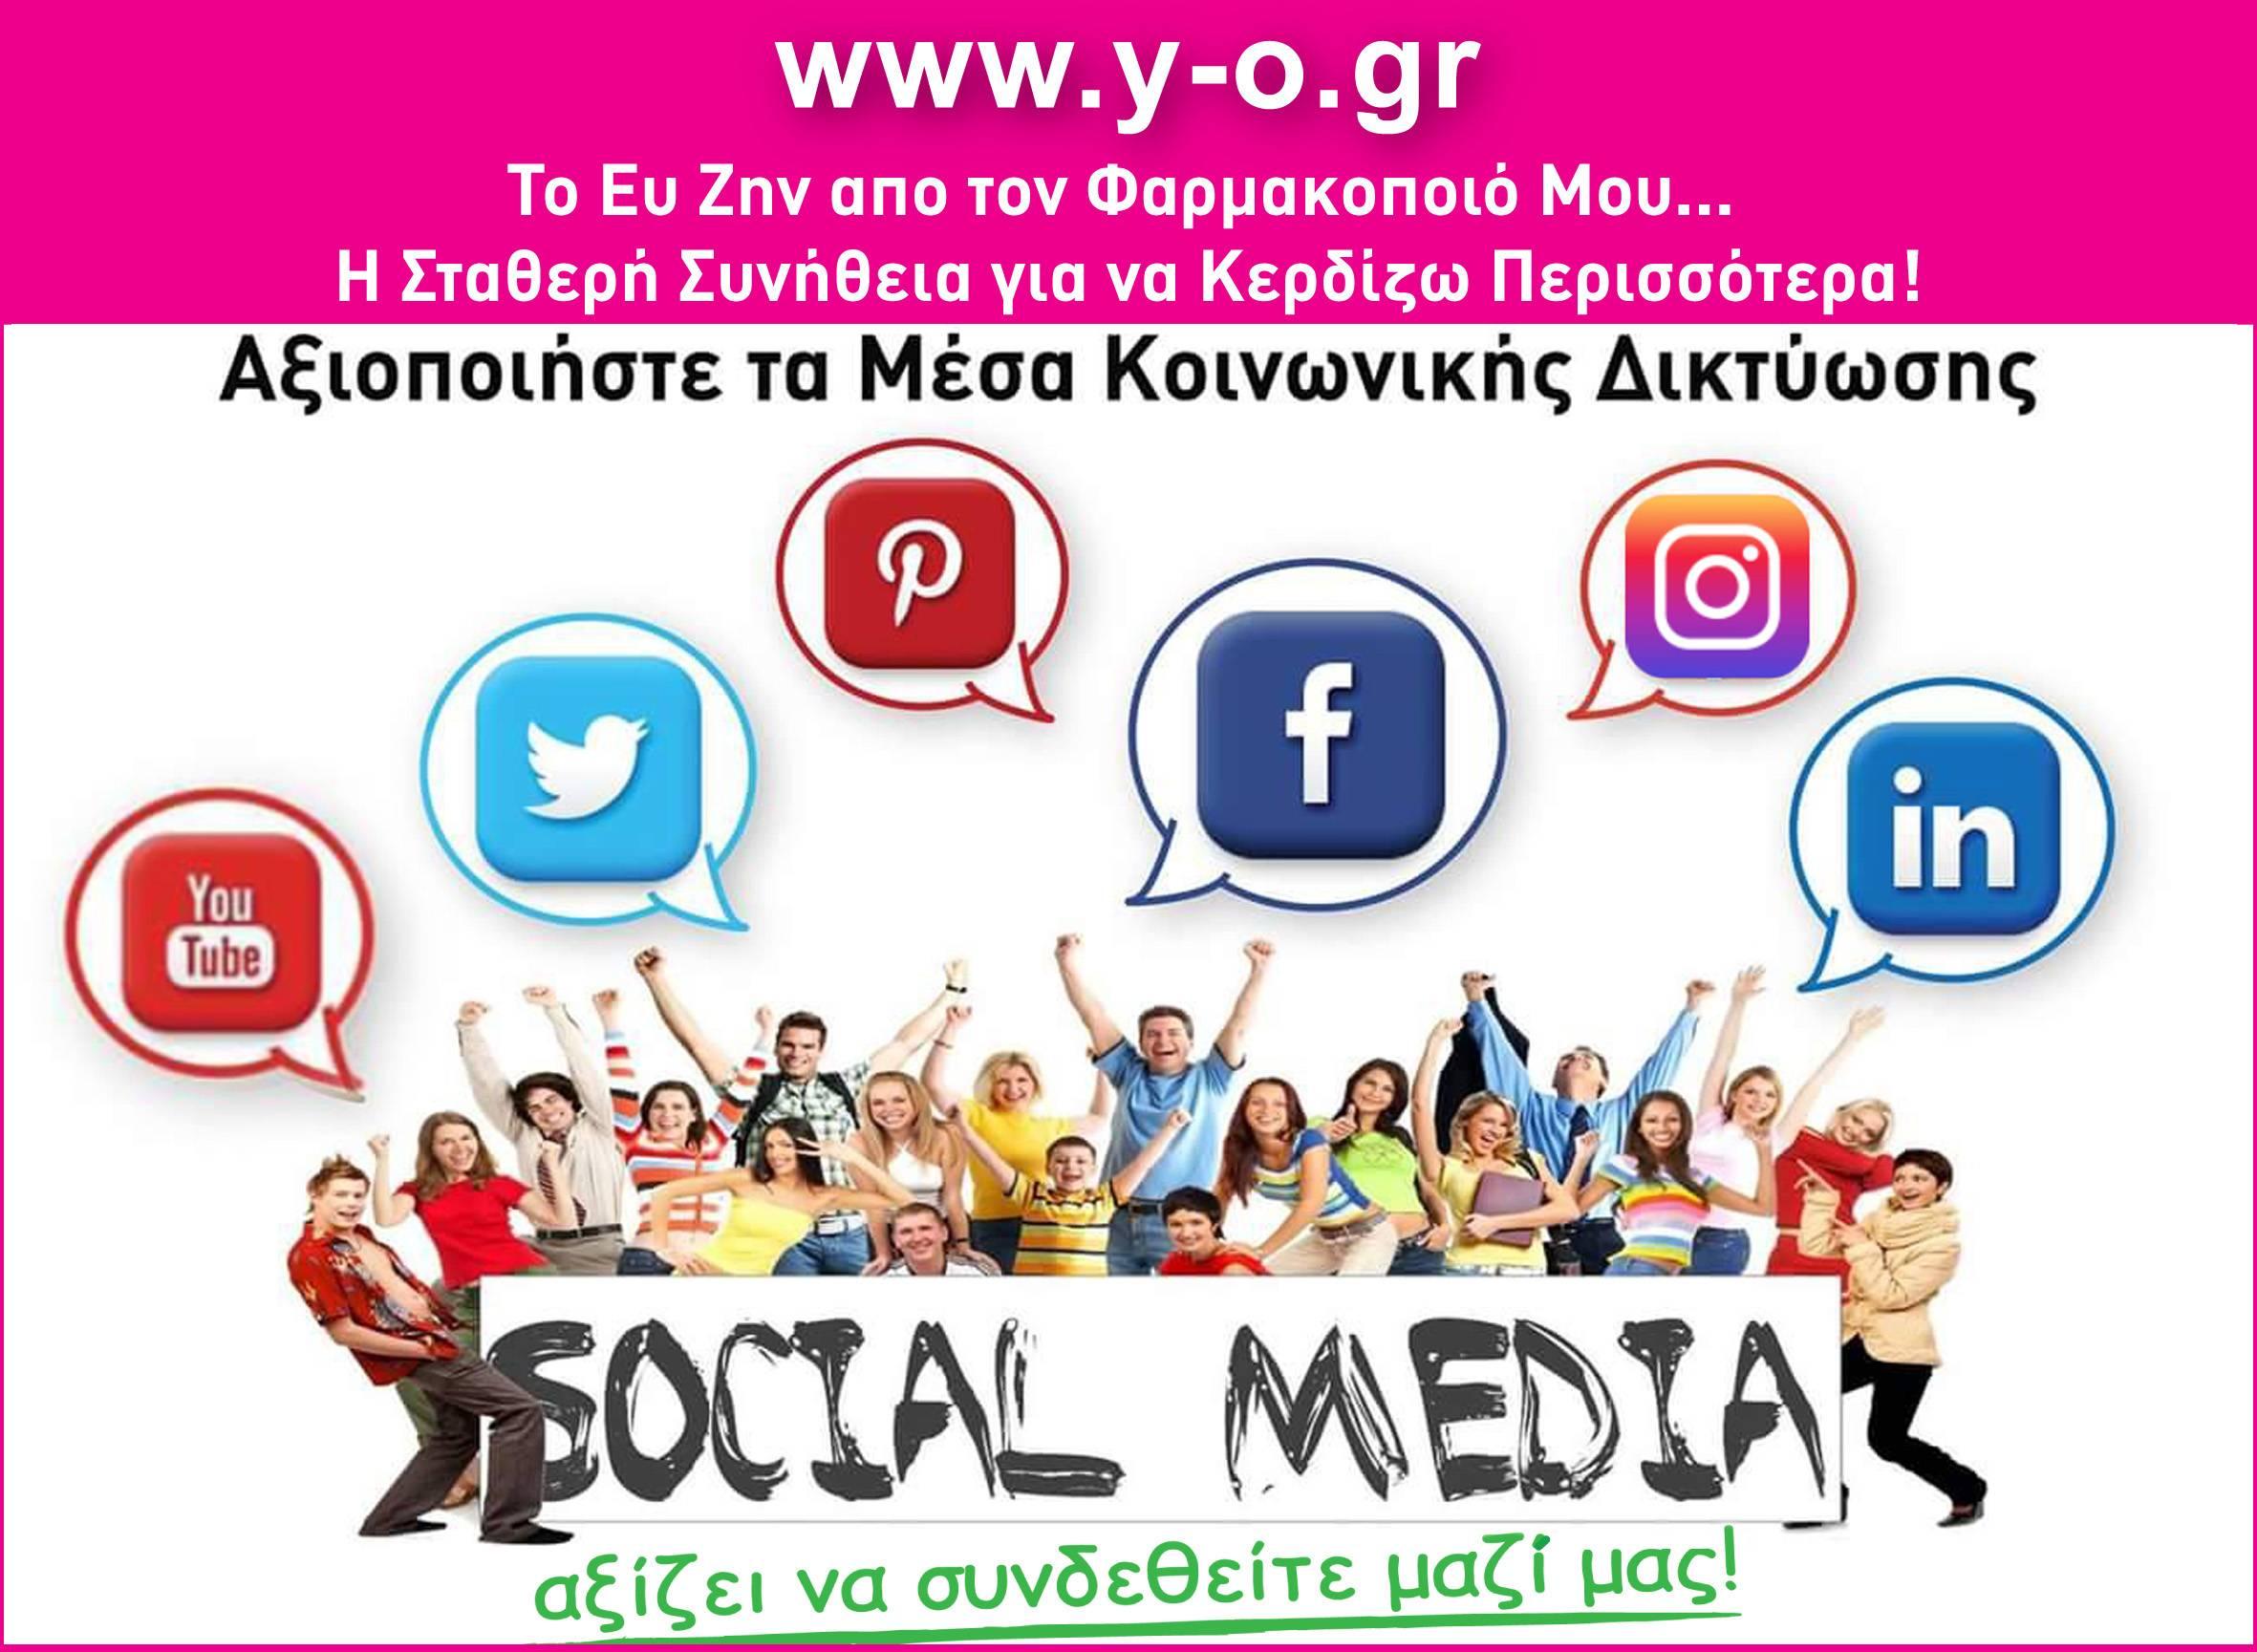 Τα Social Media Αλλάζουν τα Media